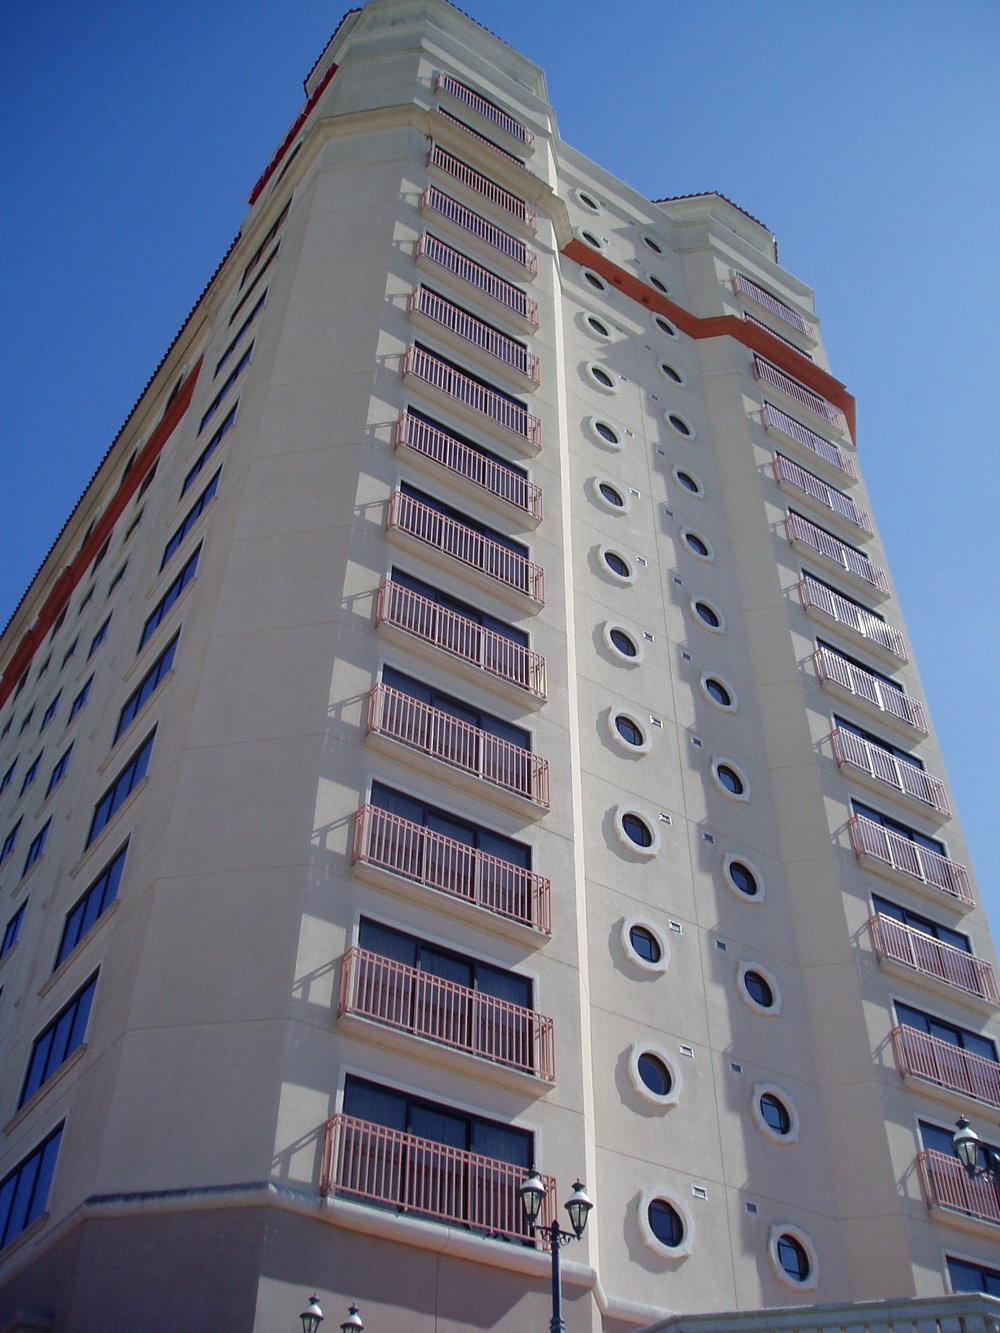 Hotels_SheratonOrlando1.JPG